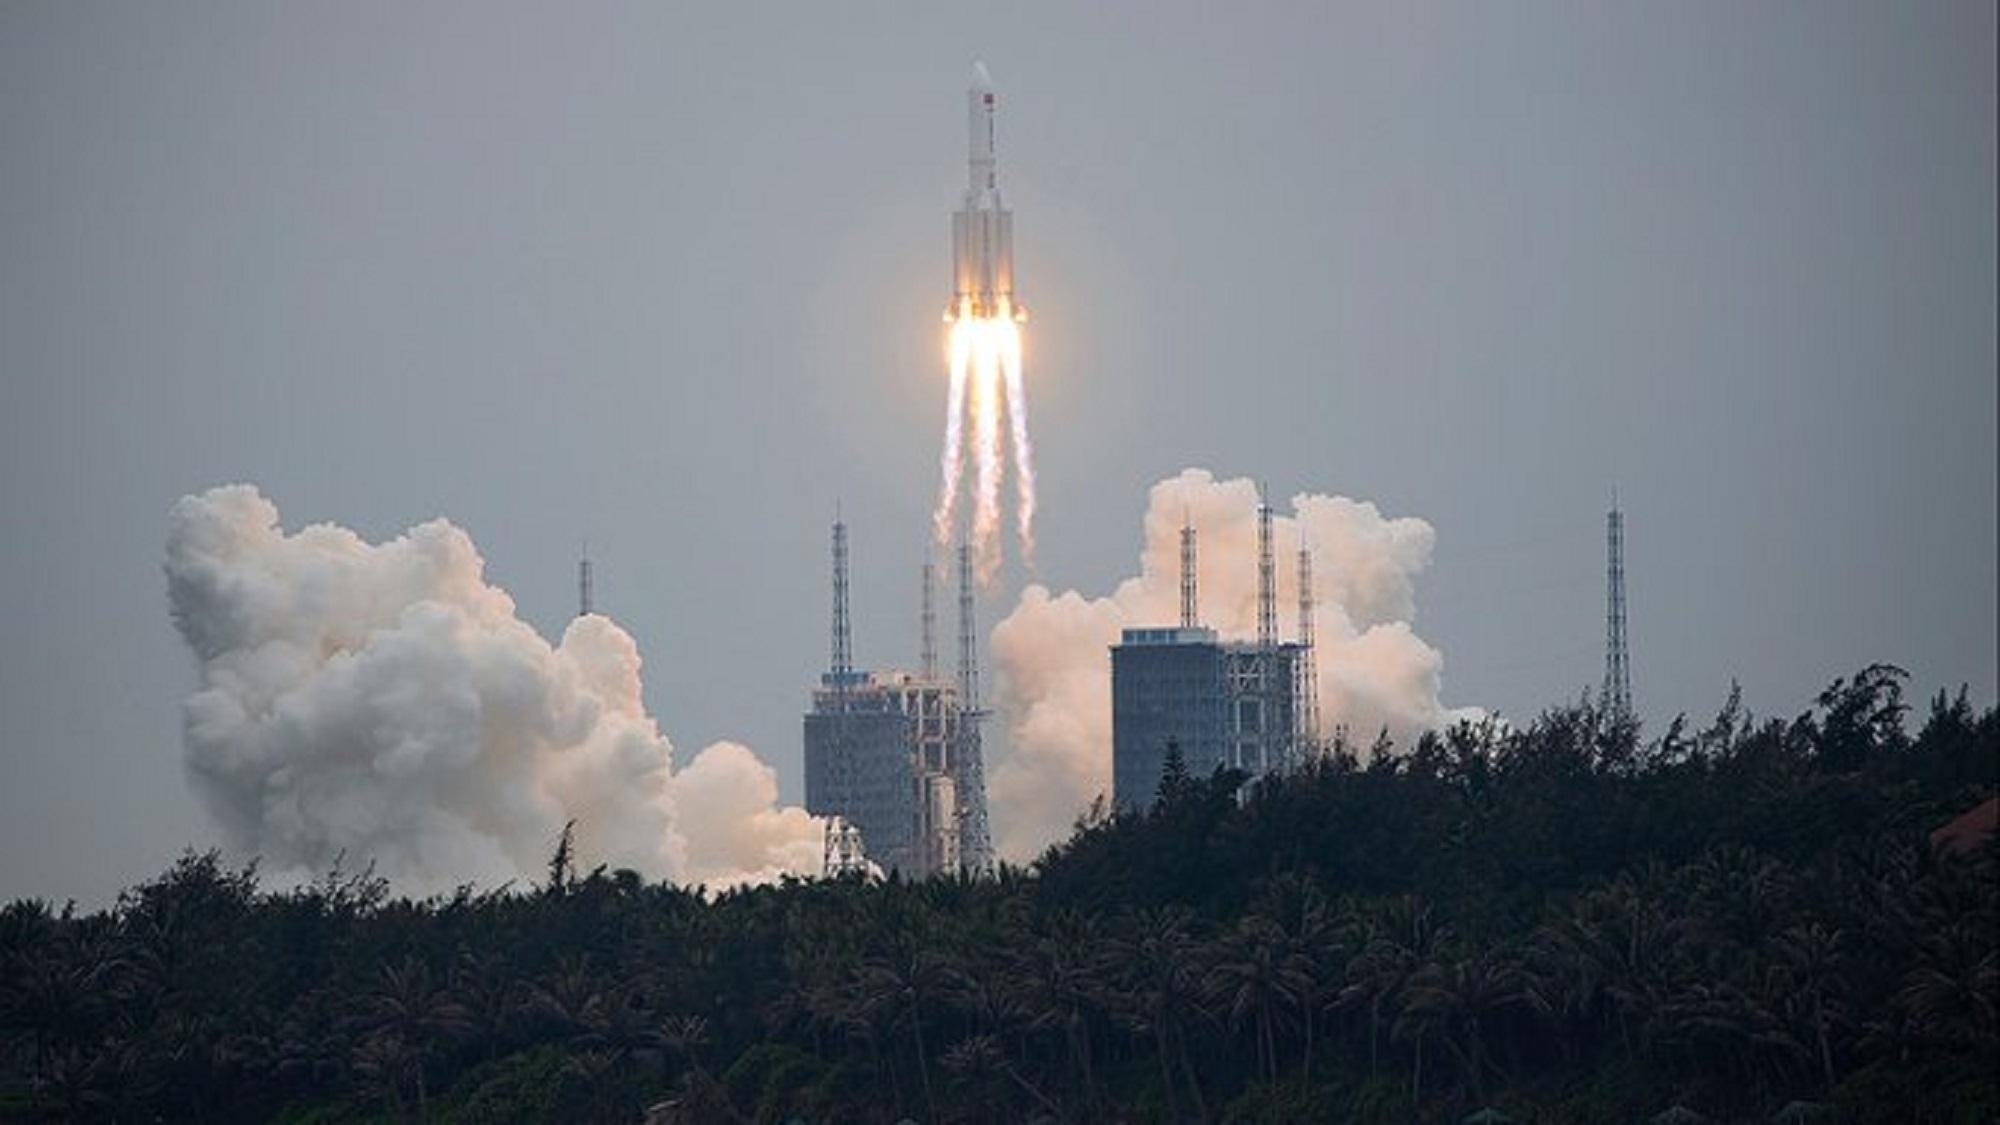 ΝΟΤΑΜ: Θραύσματα κινεζικού πυραύλου αναμένονται από της Θεσσαλονίκη ως τη Ν. Ζηλανδία